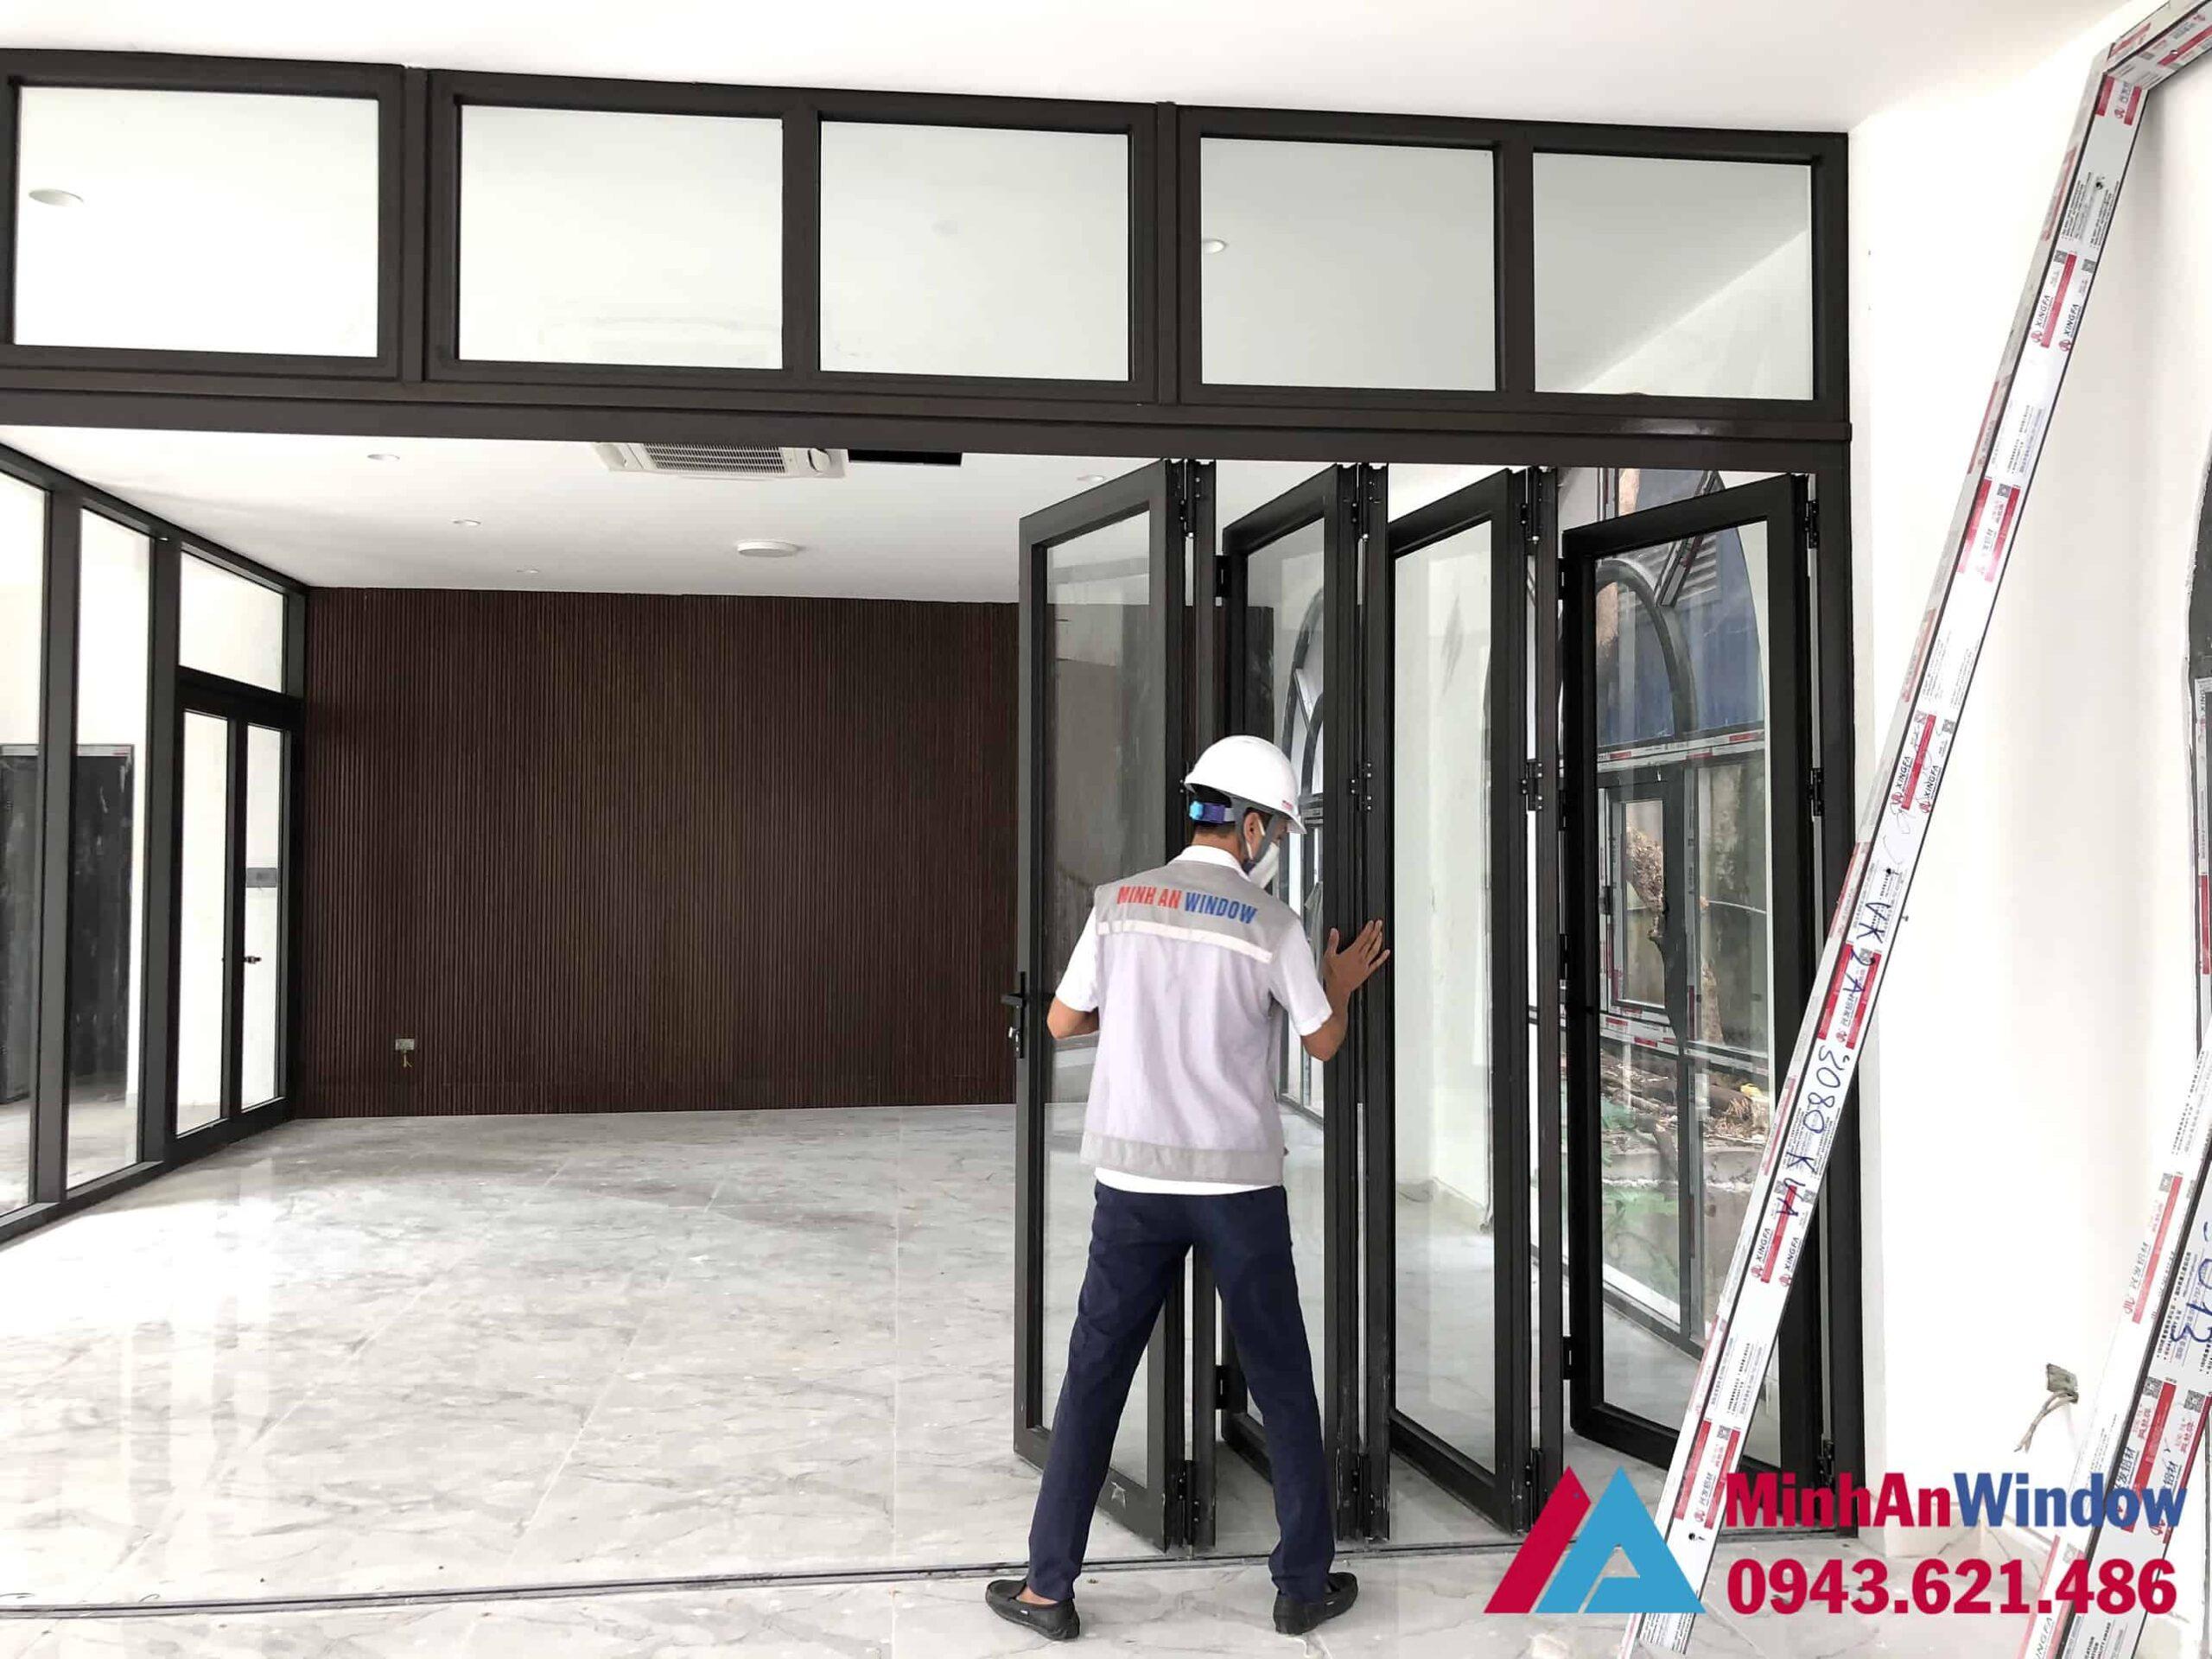 Mẫu cửa nhôm kính nhiều cánh Minh An Window lắp đặt tại KCN Thăng Long - Hà Nội